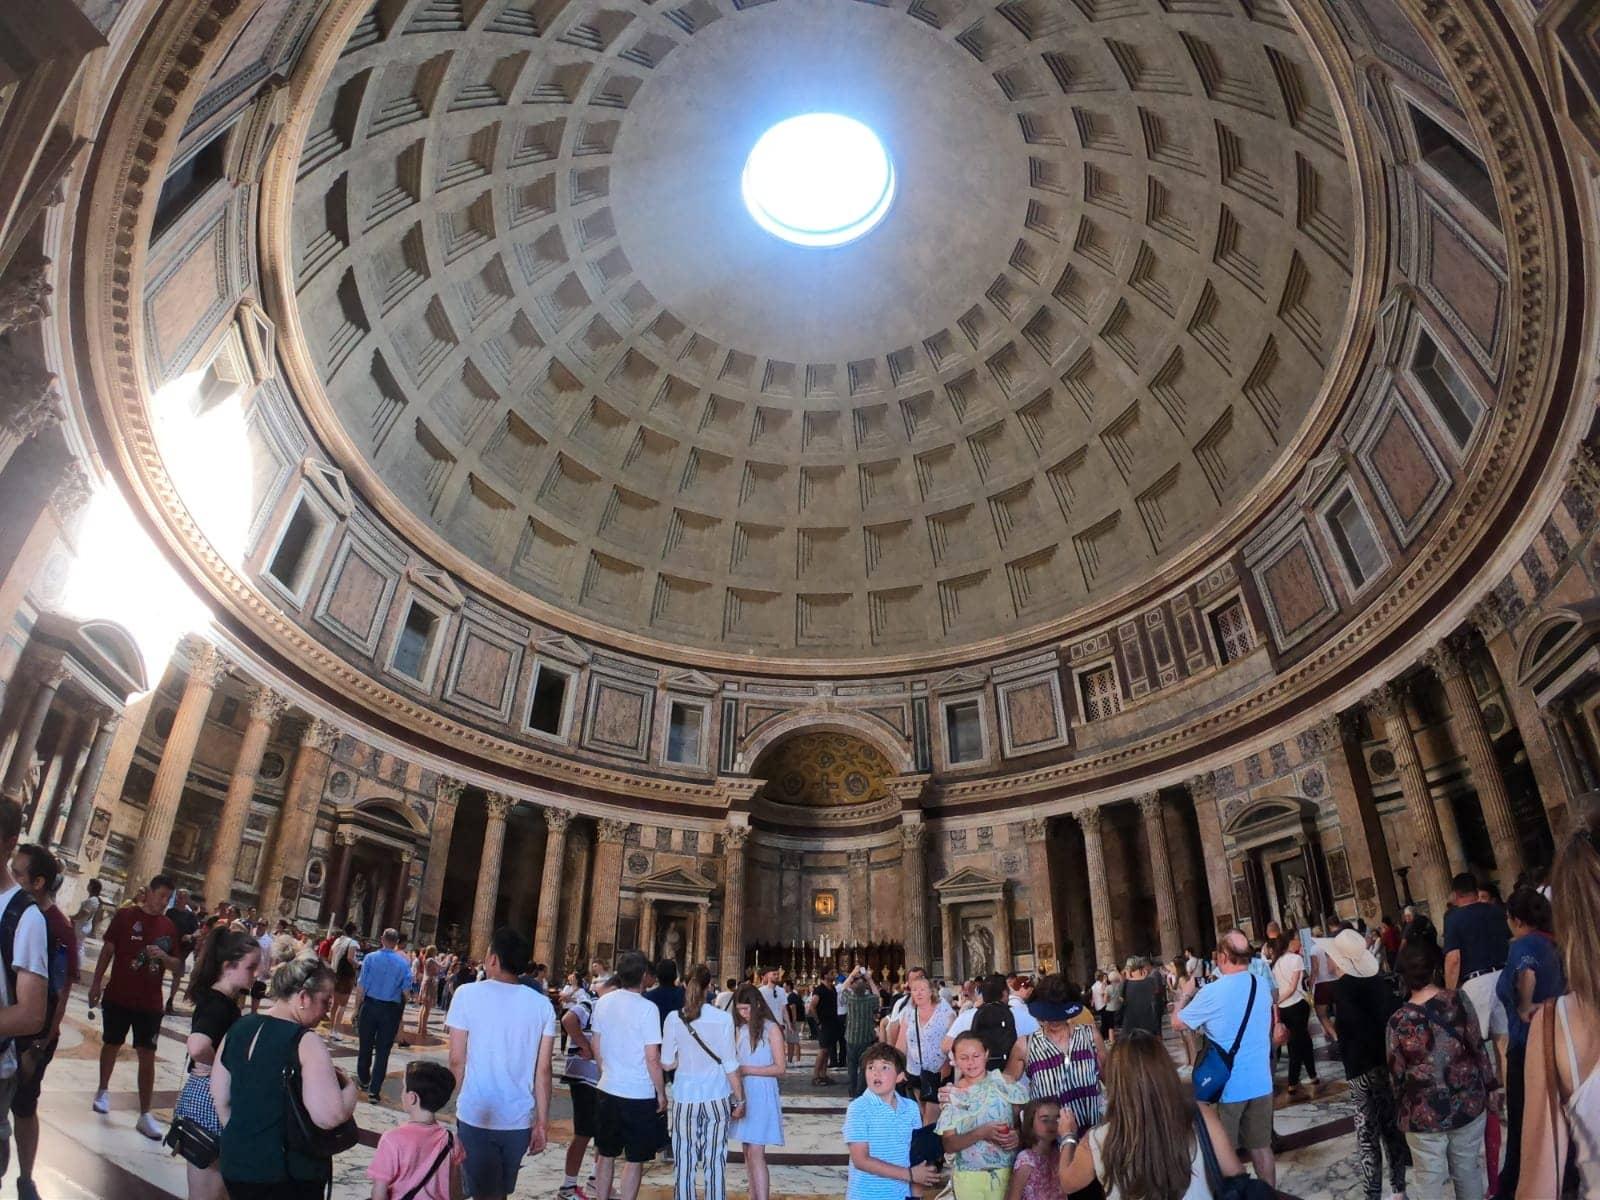 Imagem: O Pantheon sofreu vários incêndios, ao longo do tempo. Acredita-se que a versão atual é fruto da reconstrução feita por Adriano, entre 118 e 125 d.C.